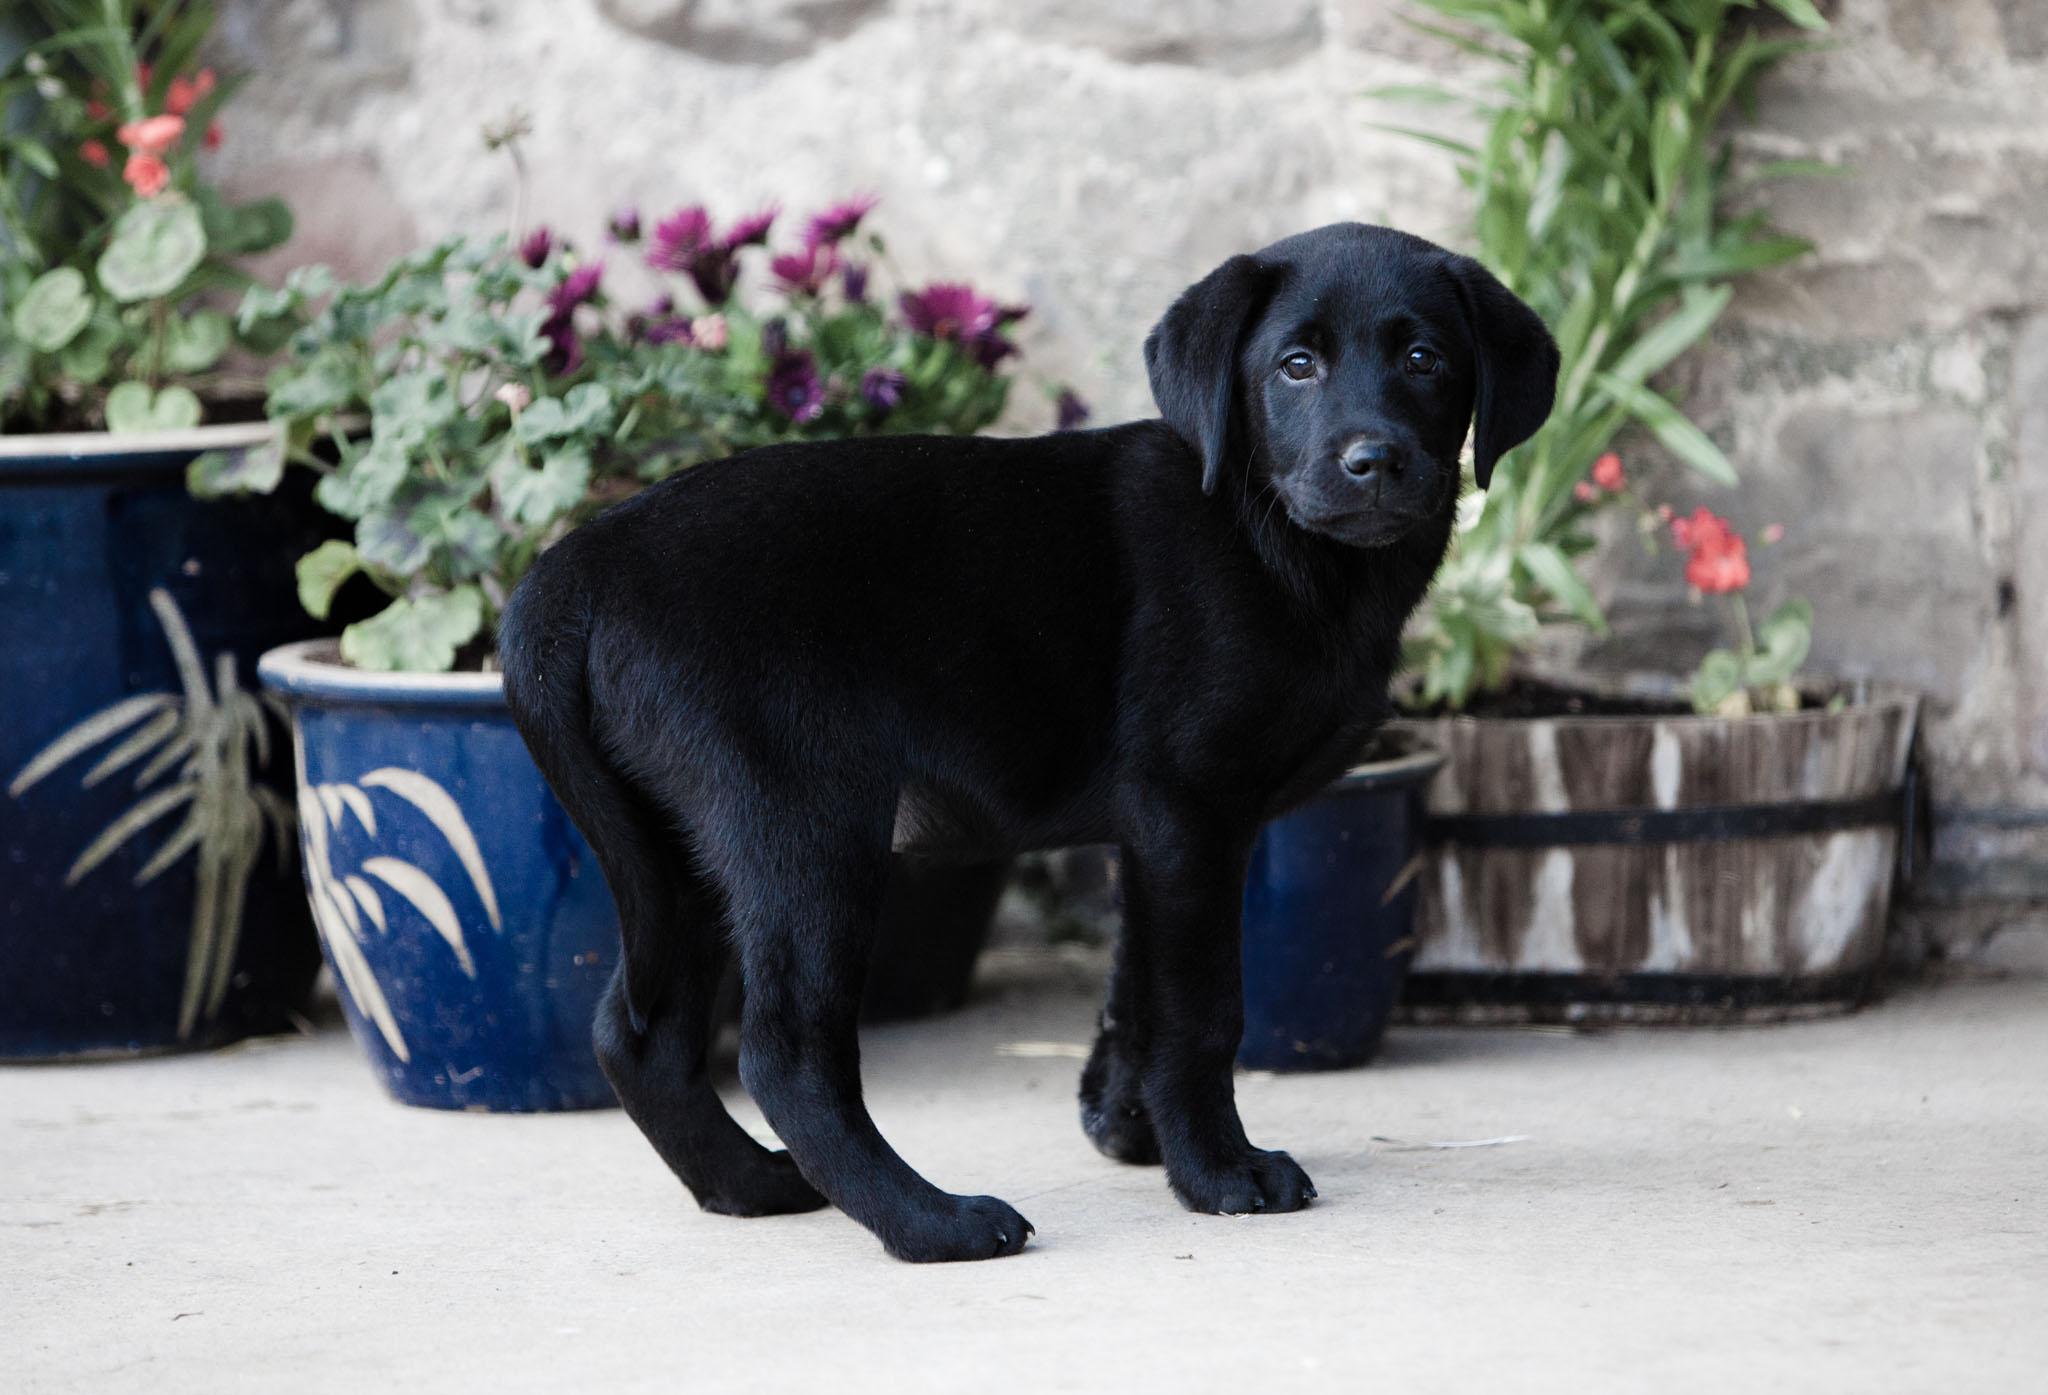 Pet portrait photography of a black Labrador puppy in Lancaster, Lancashire